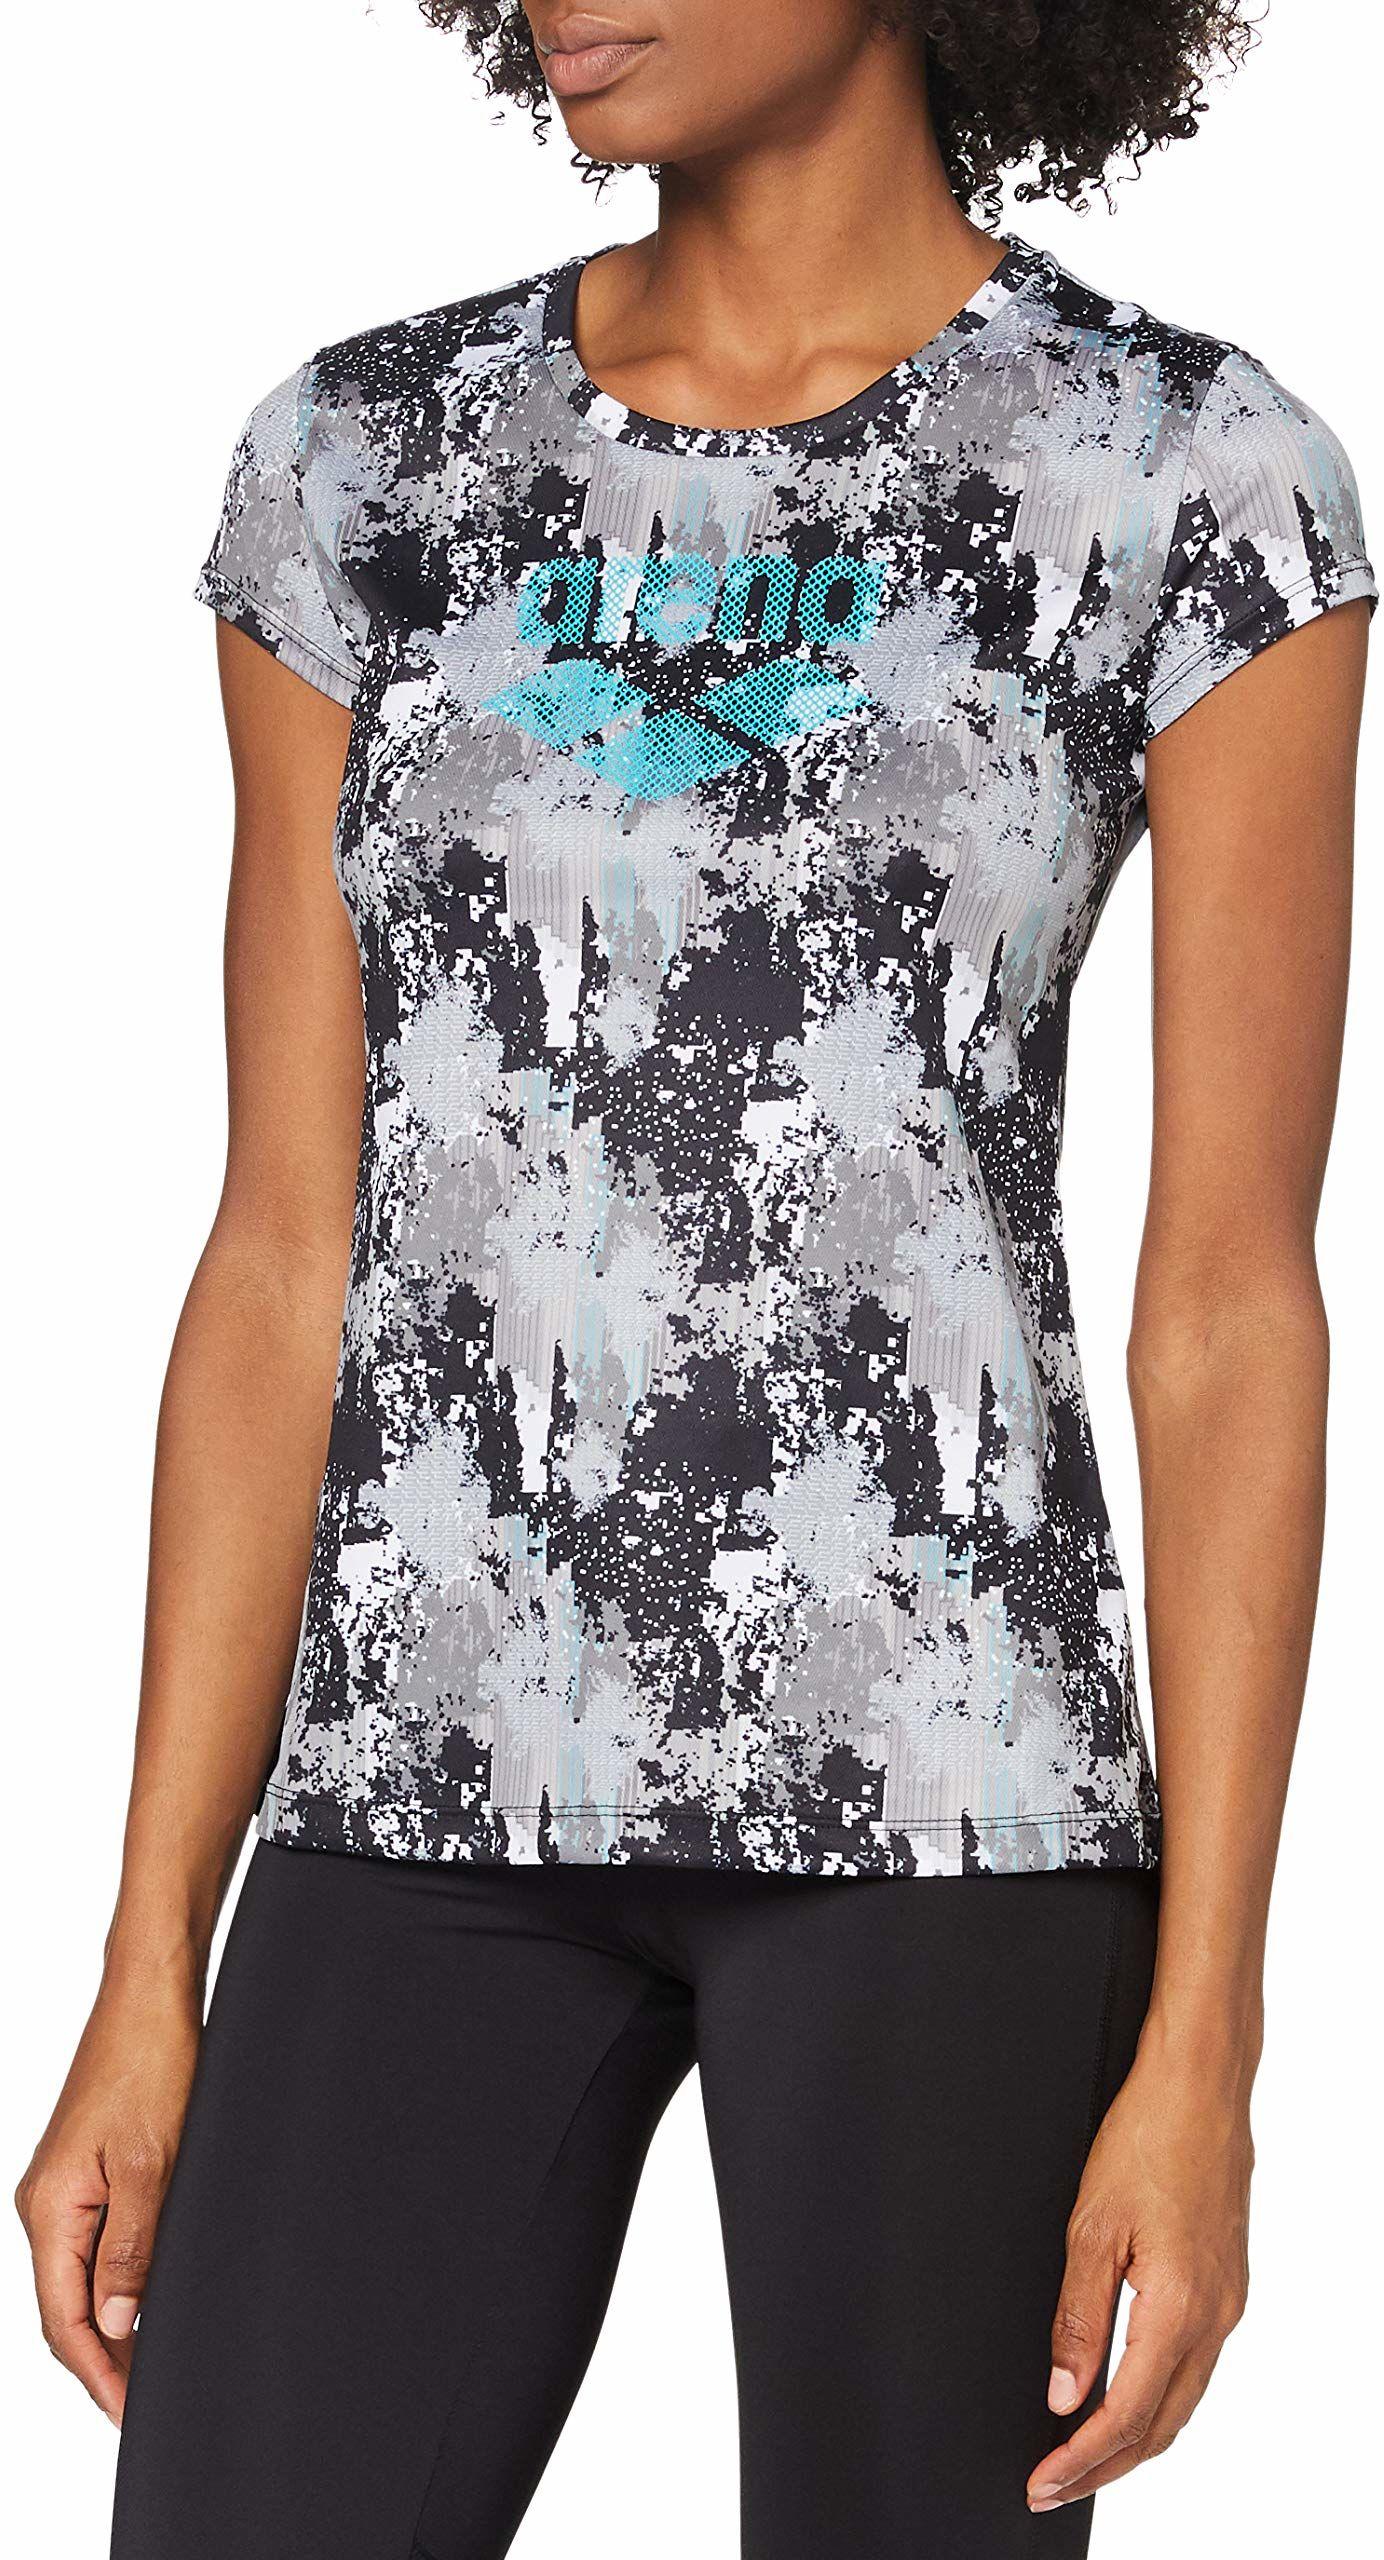 ARENA Arena damska koszulka z logo Gym wielokolorowa Pixel Planet XS